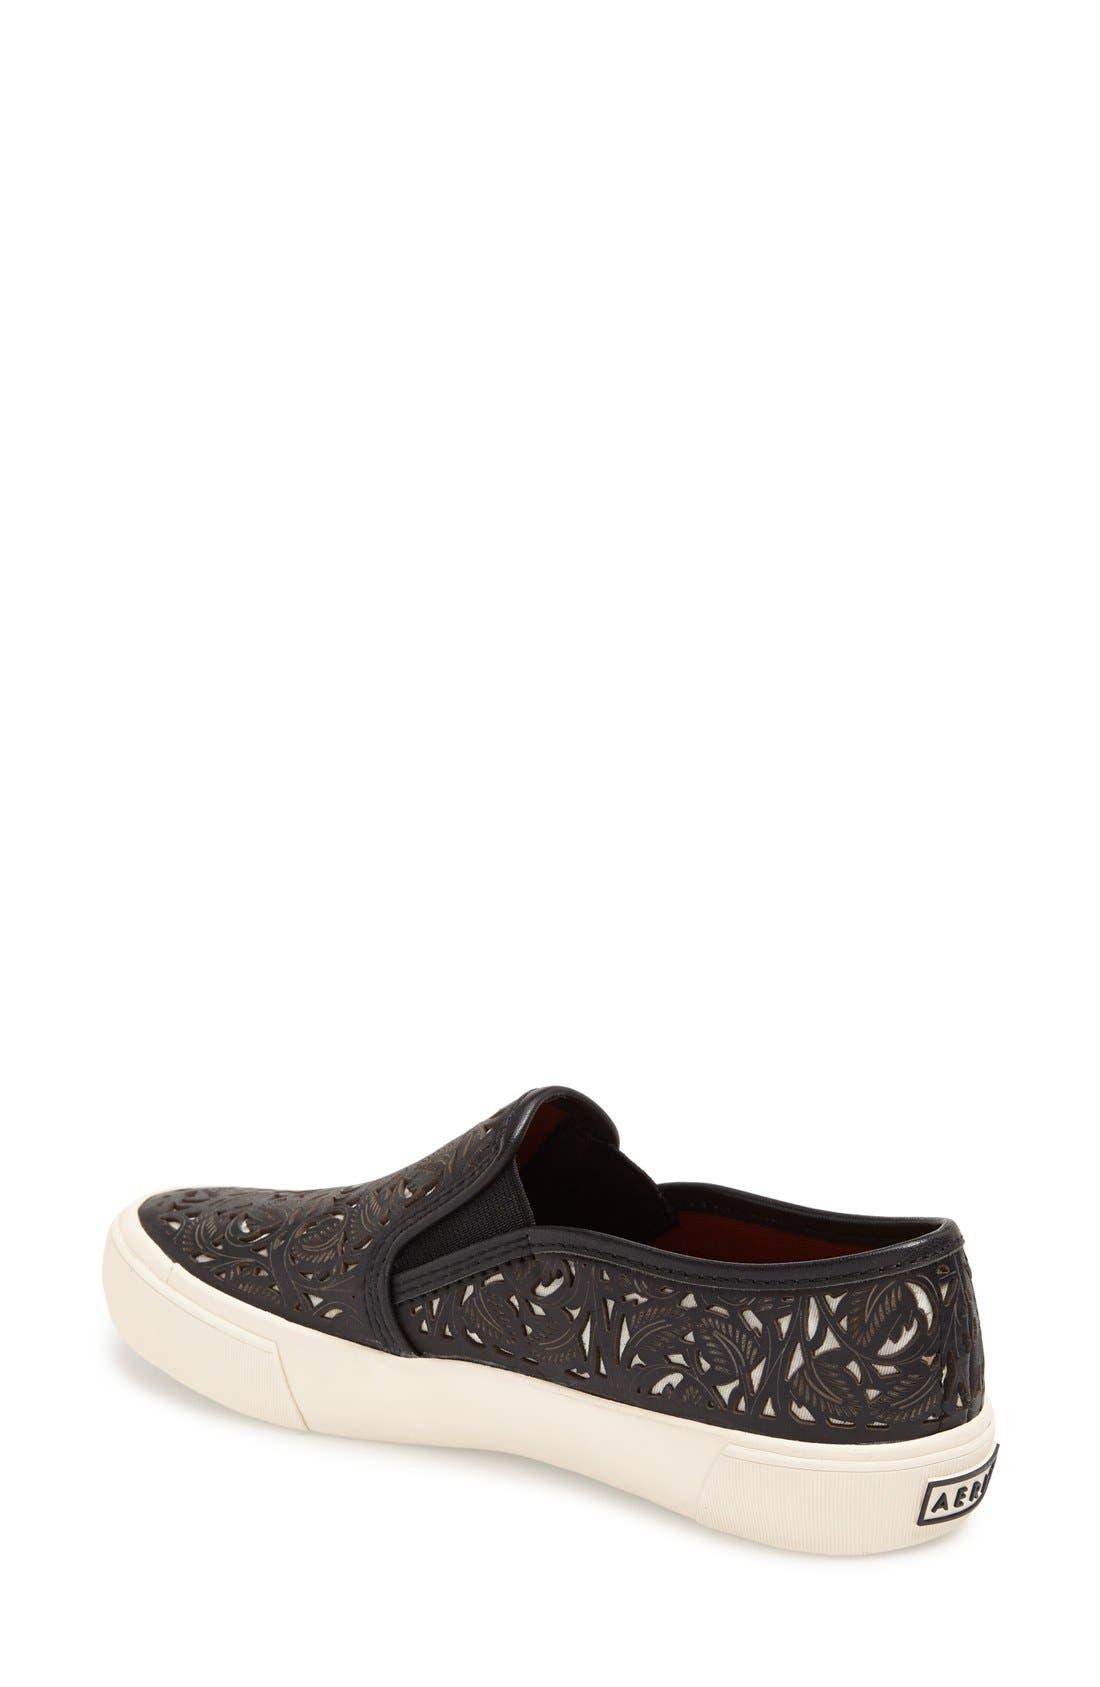 AERIN,                             'Marsden' Perforated Slip-On Sneaker,                             Alternate thumbnail 4, color,                             001